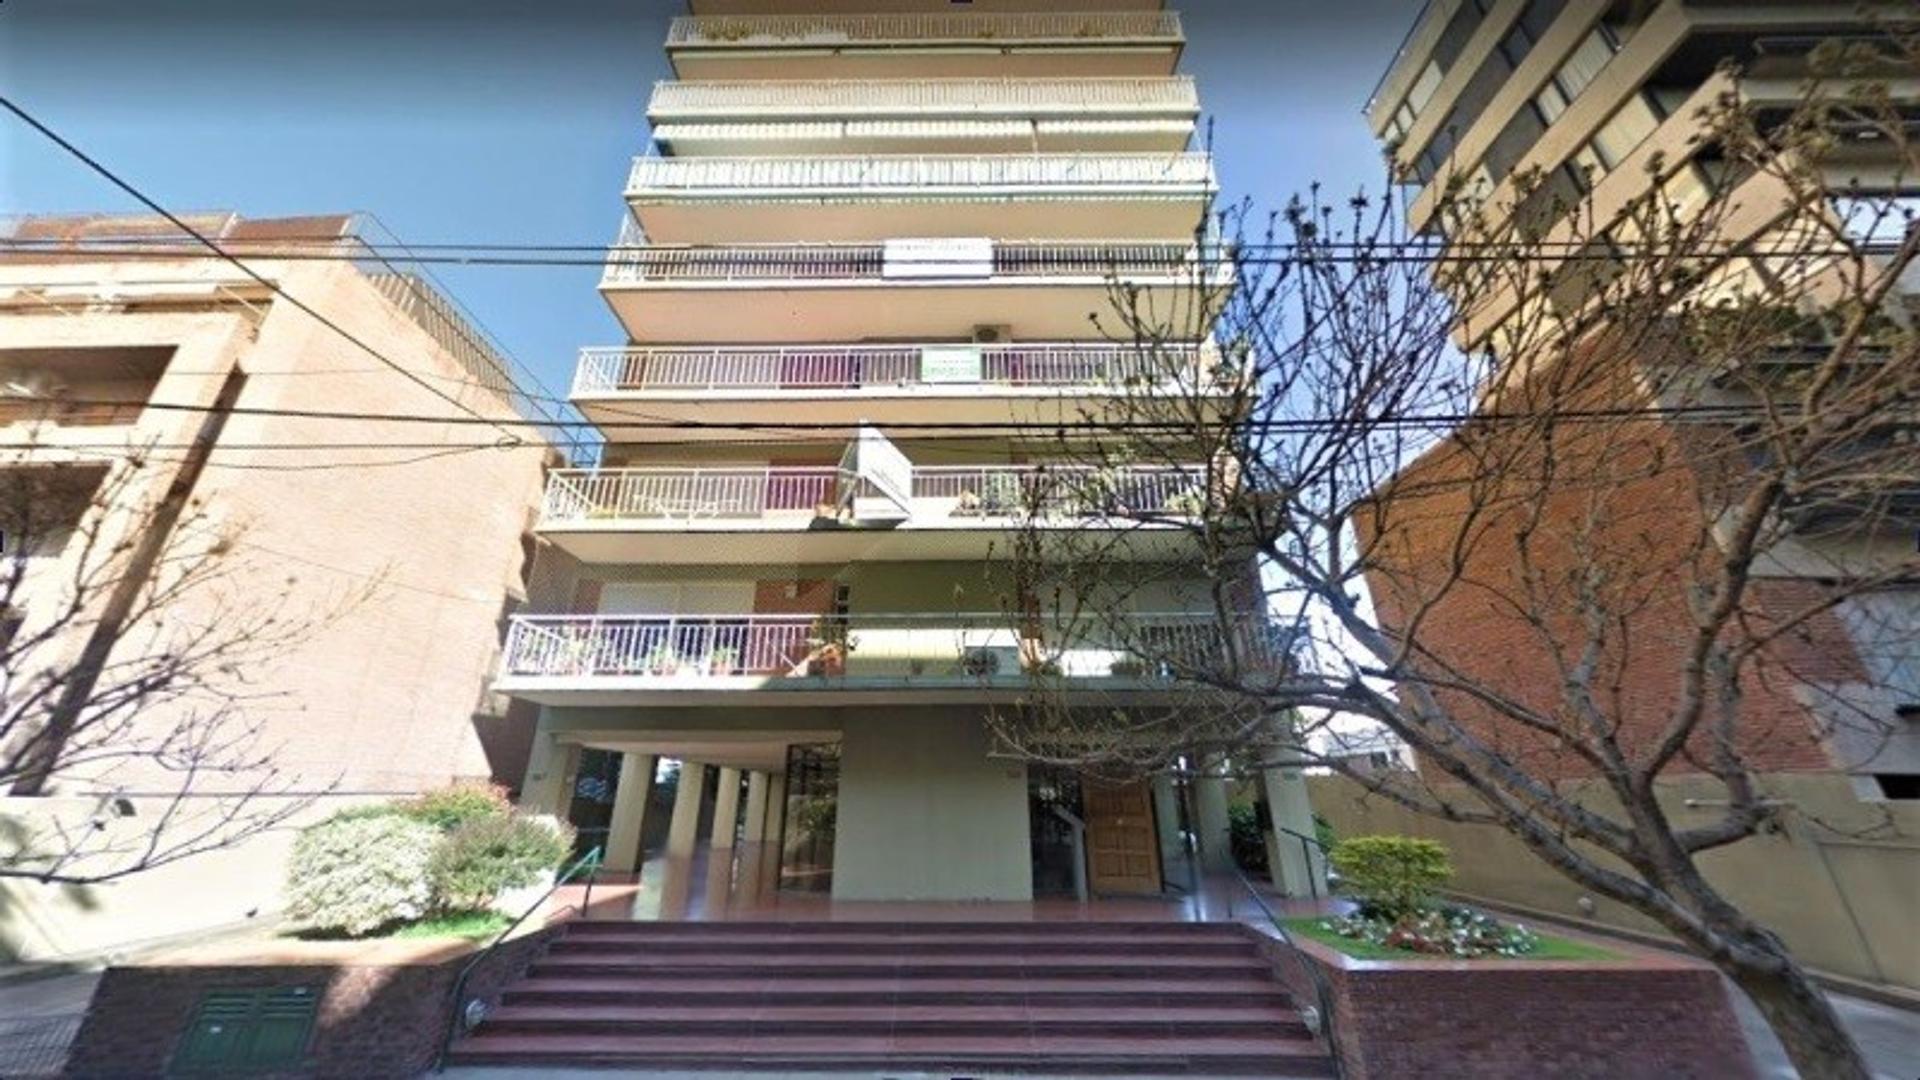 Departamento en Martinez Vias / Libertador con 3 habitaciones